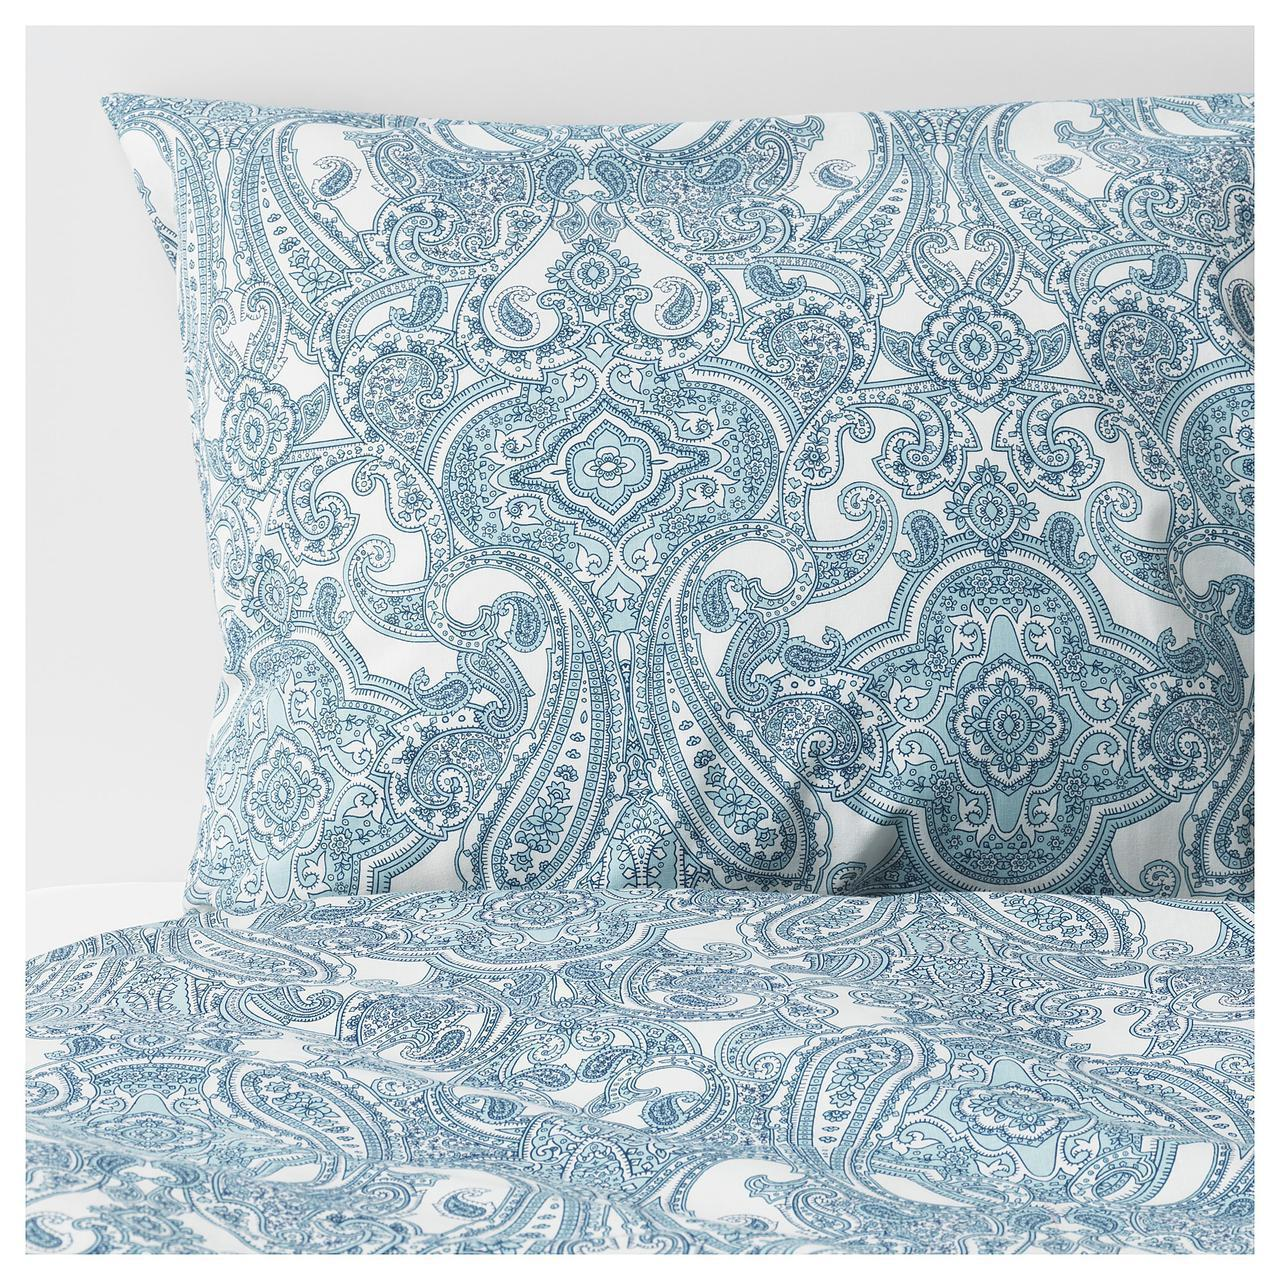 Комплект постельного белья IKEA JÄTTEVALLMO 200х200 см белый синий с узором 303.996.92